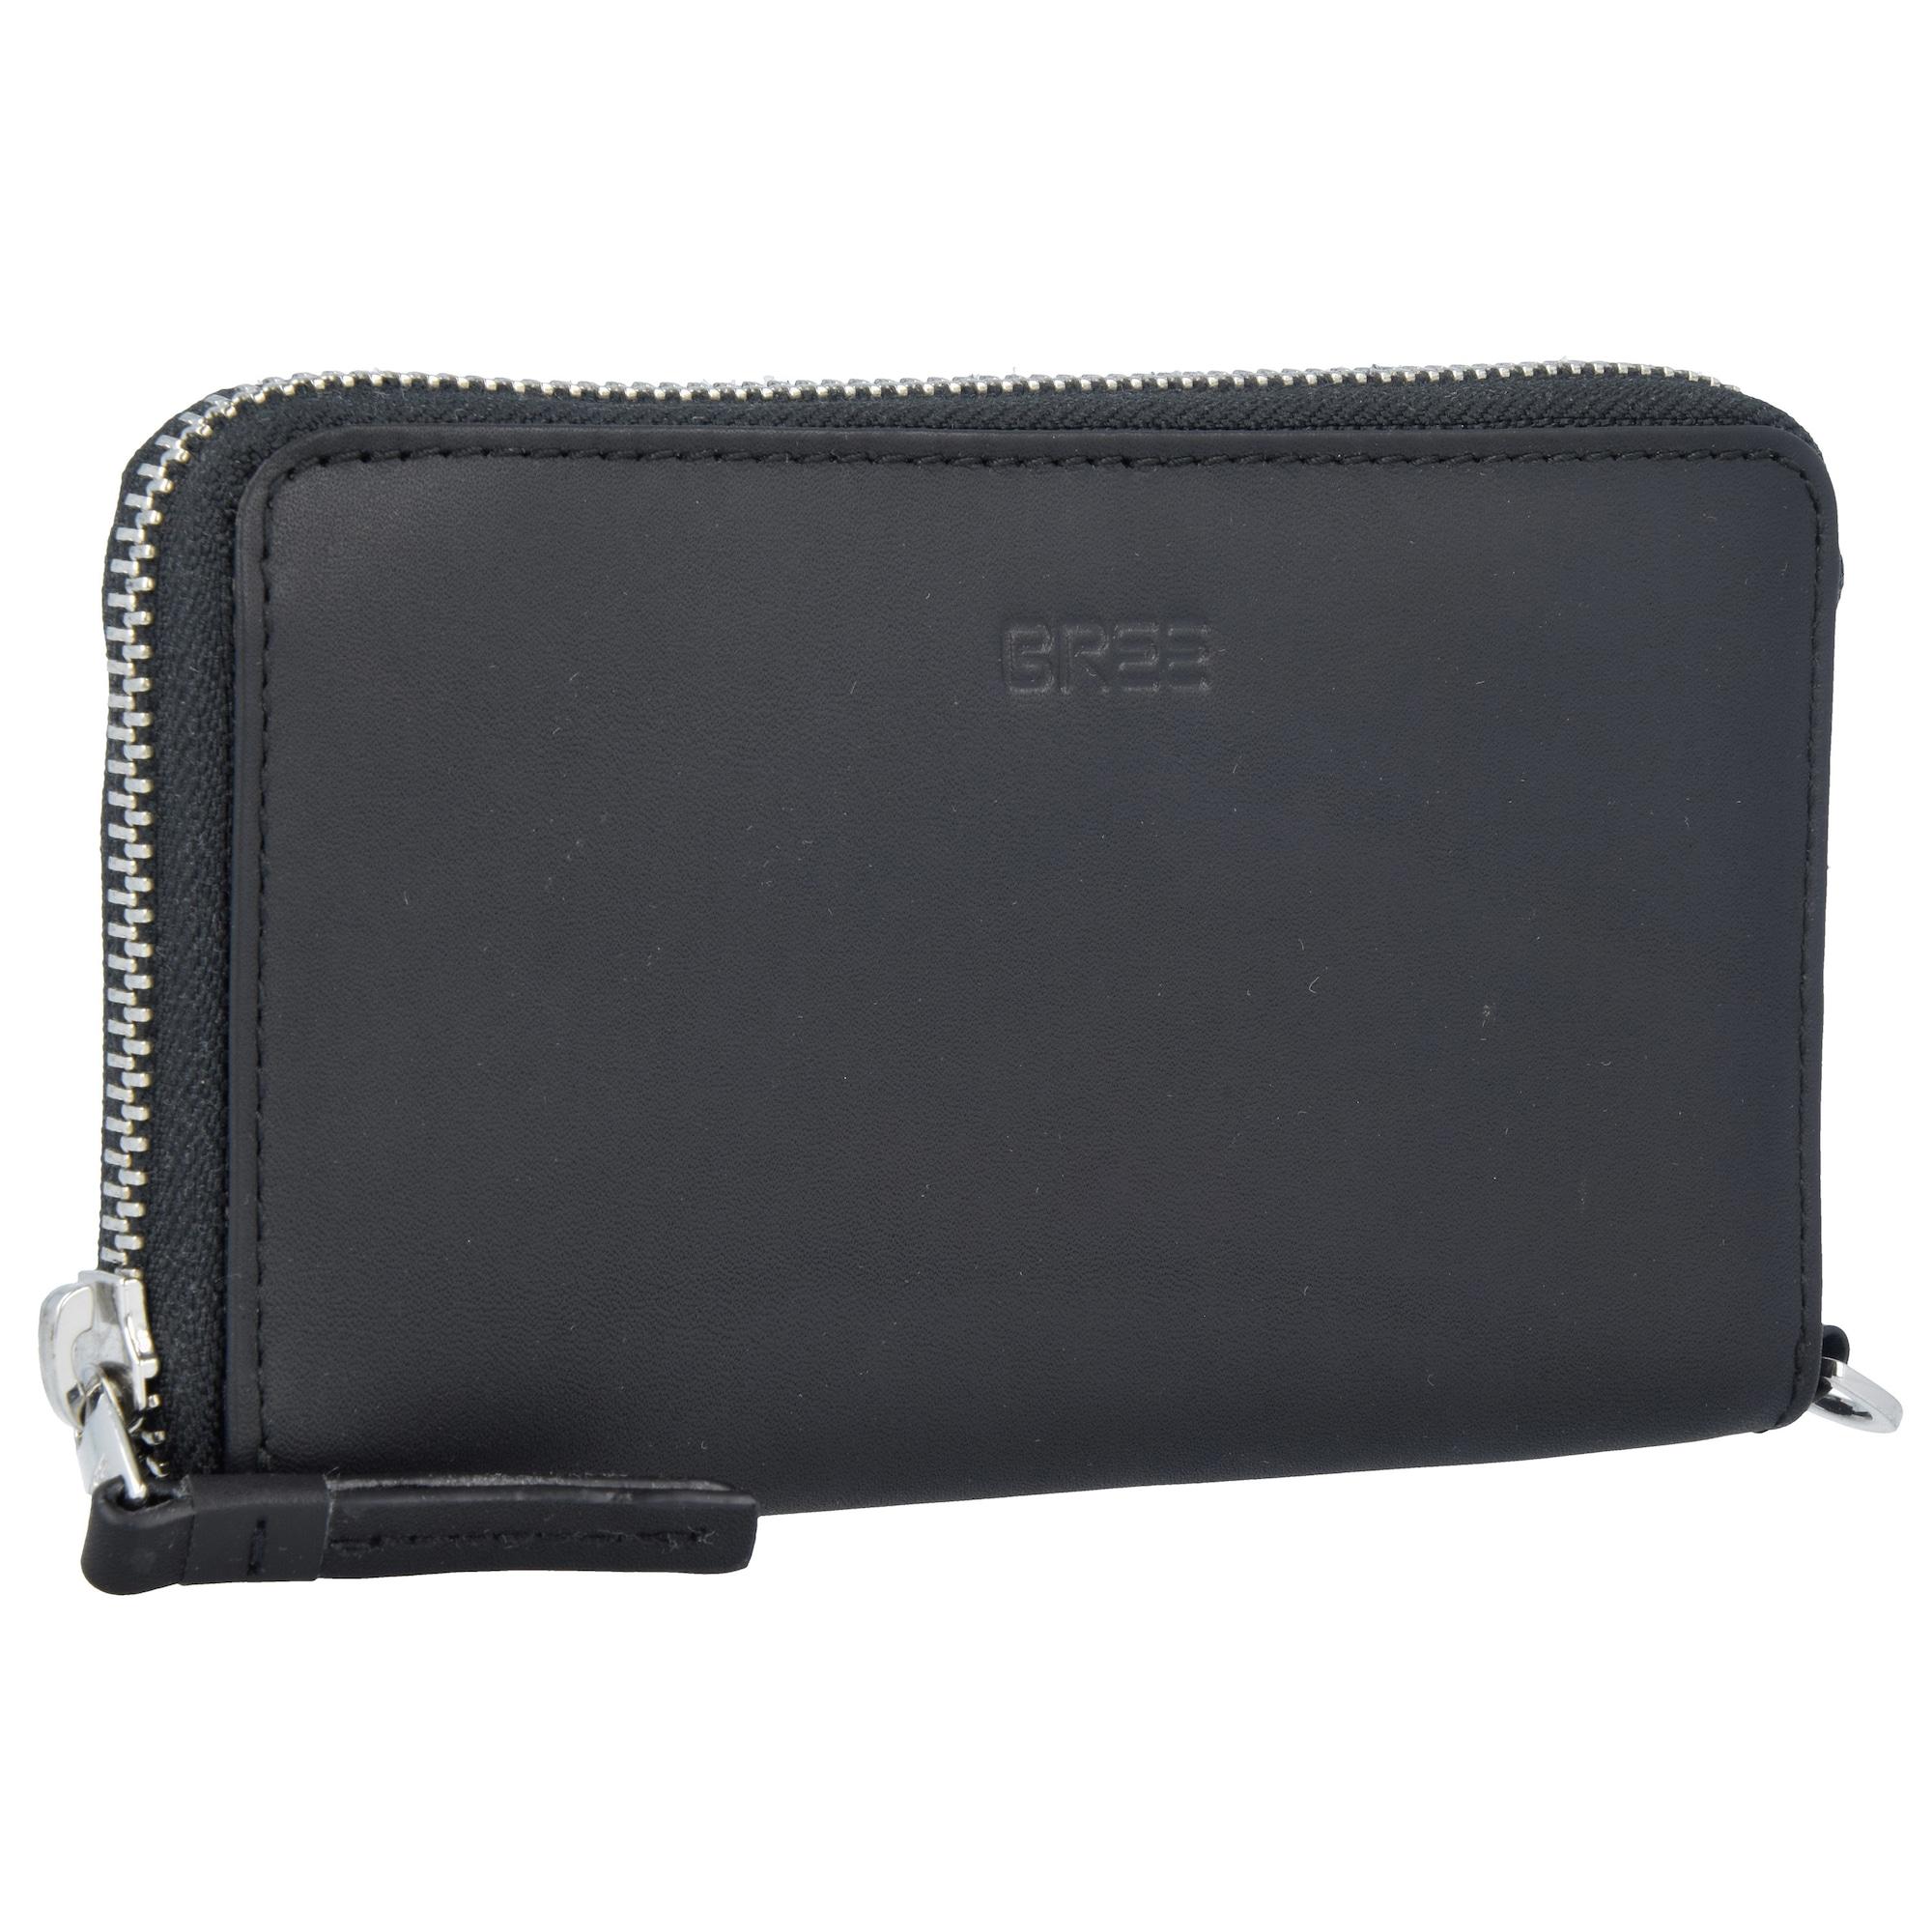 BREE, Damen Portemonnee Liv 134 RFID, zwart